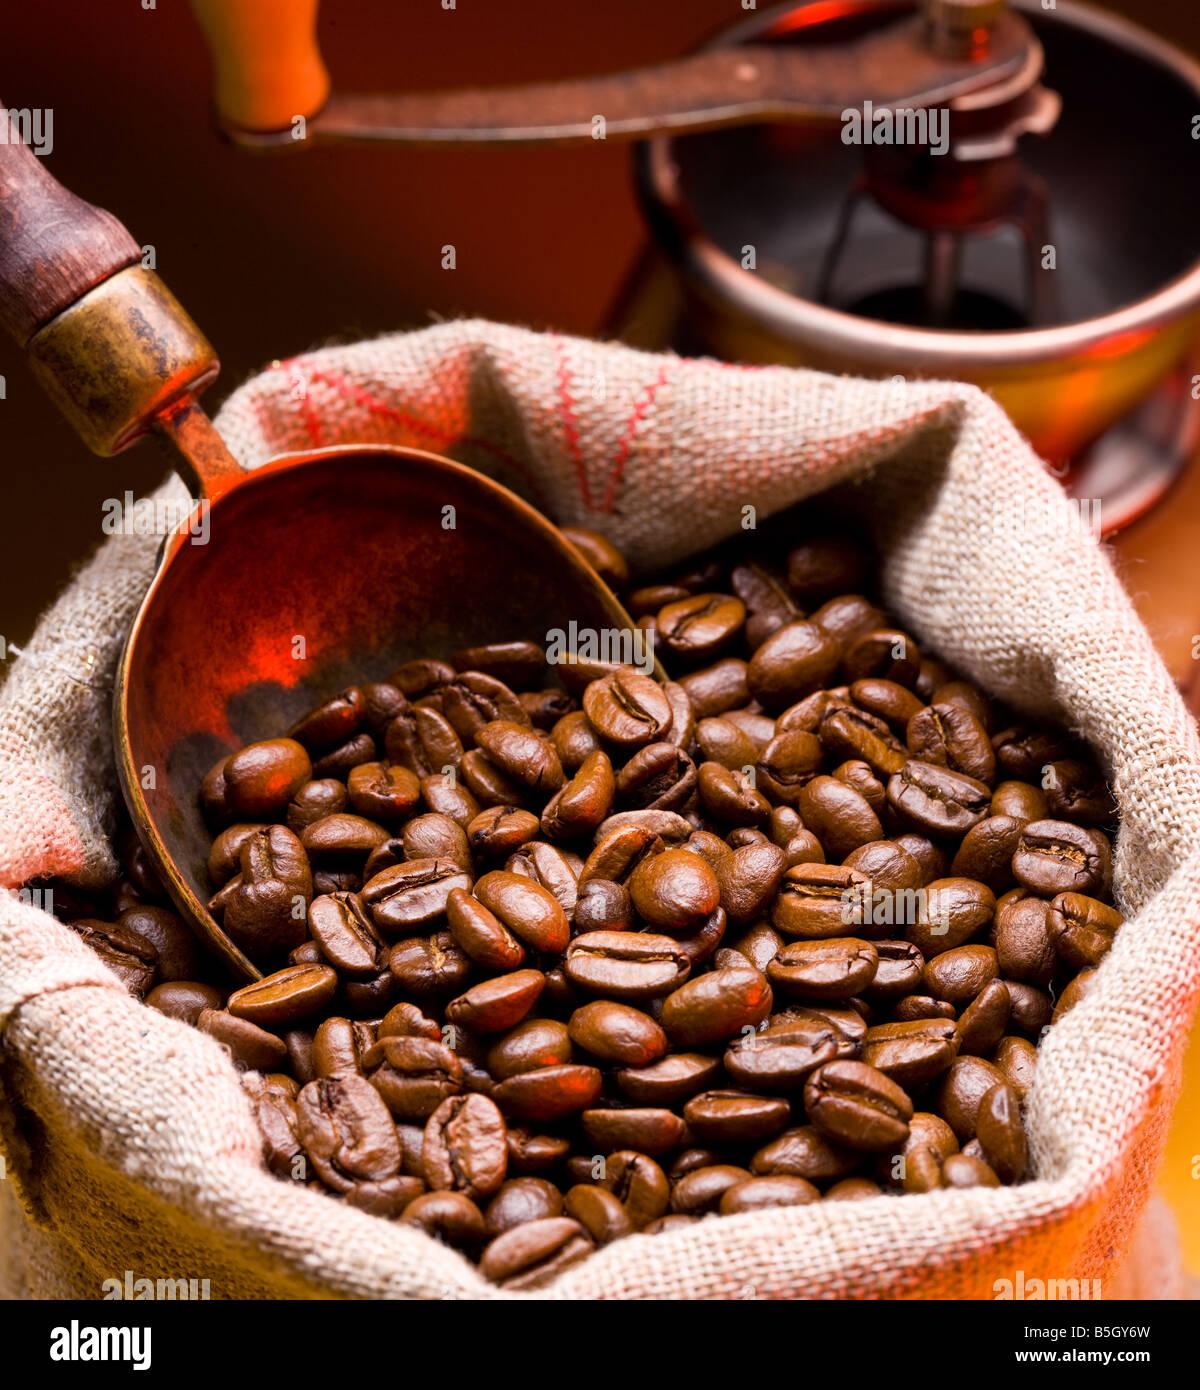 Kaffee ist in meschotschek Stockbild